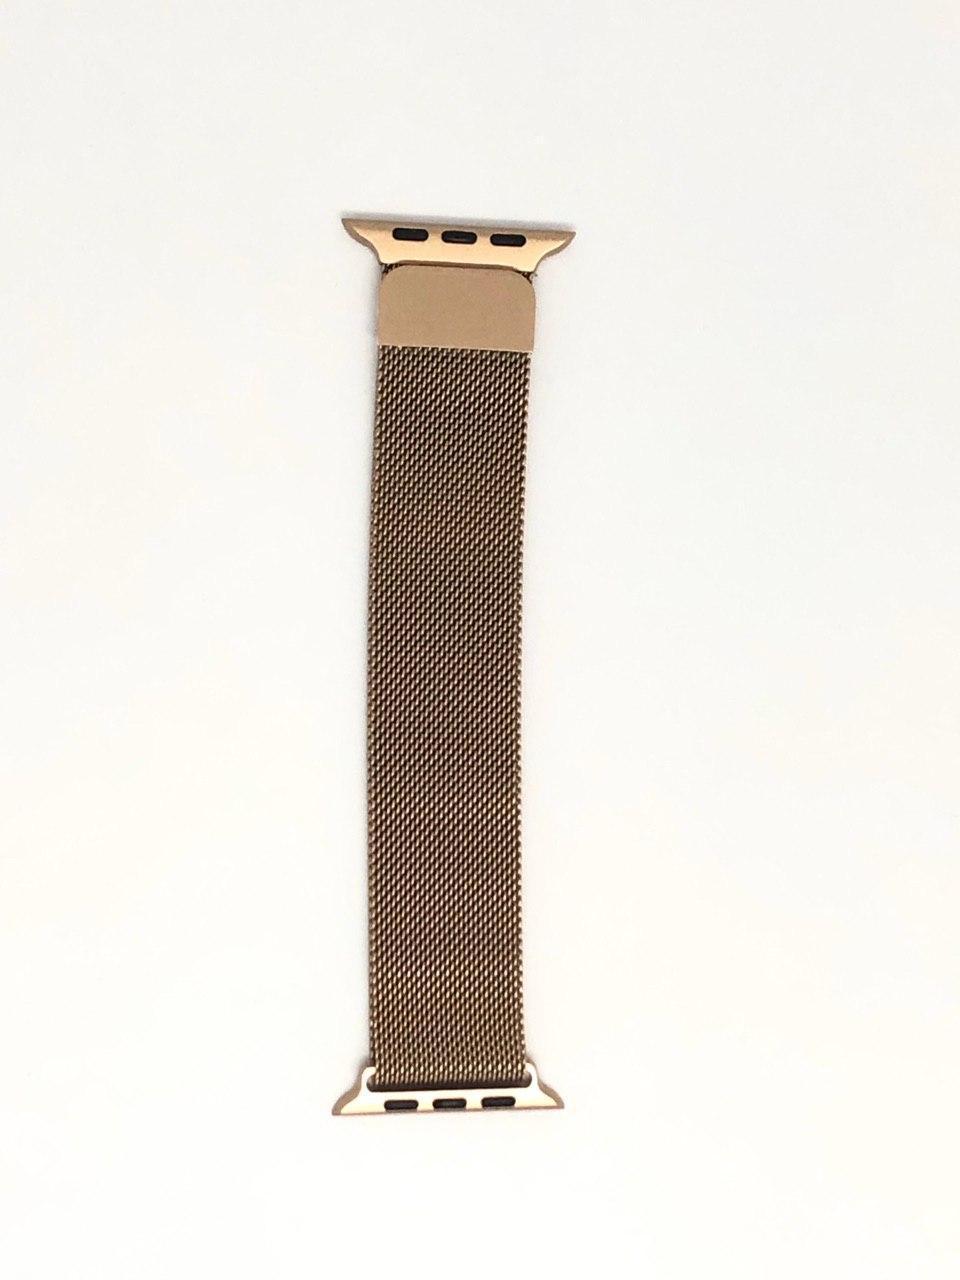 Миланская петля Apple watch 42/44 mm - №18, ремешок, металлический